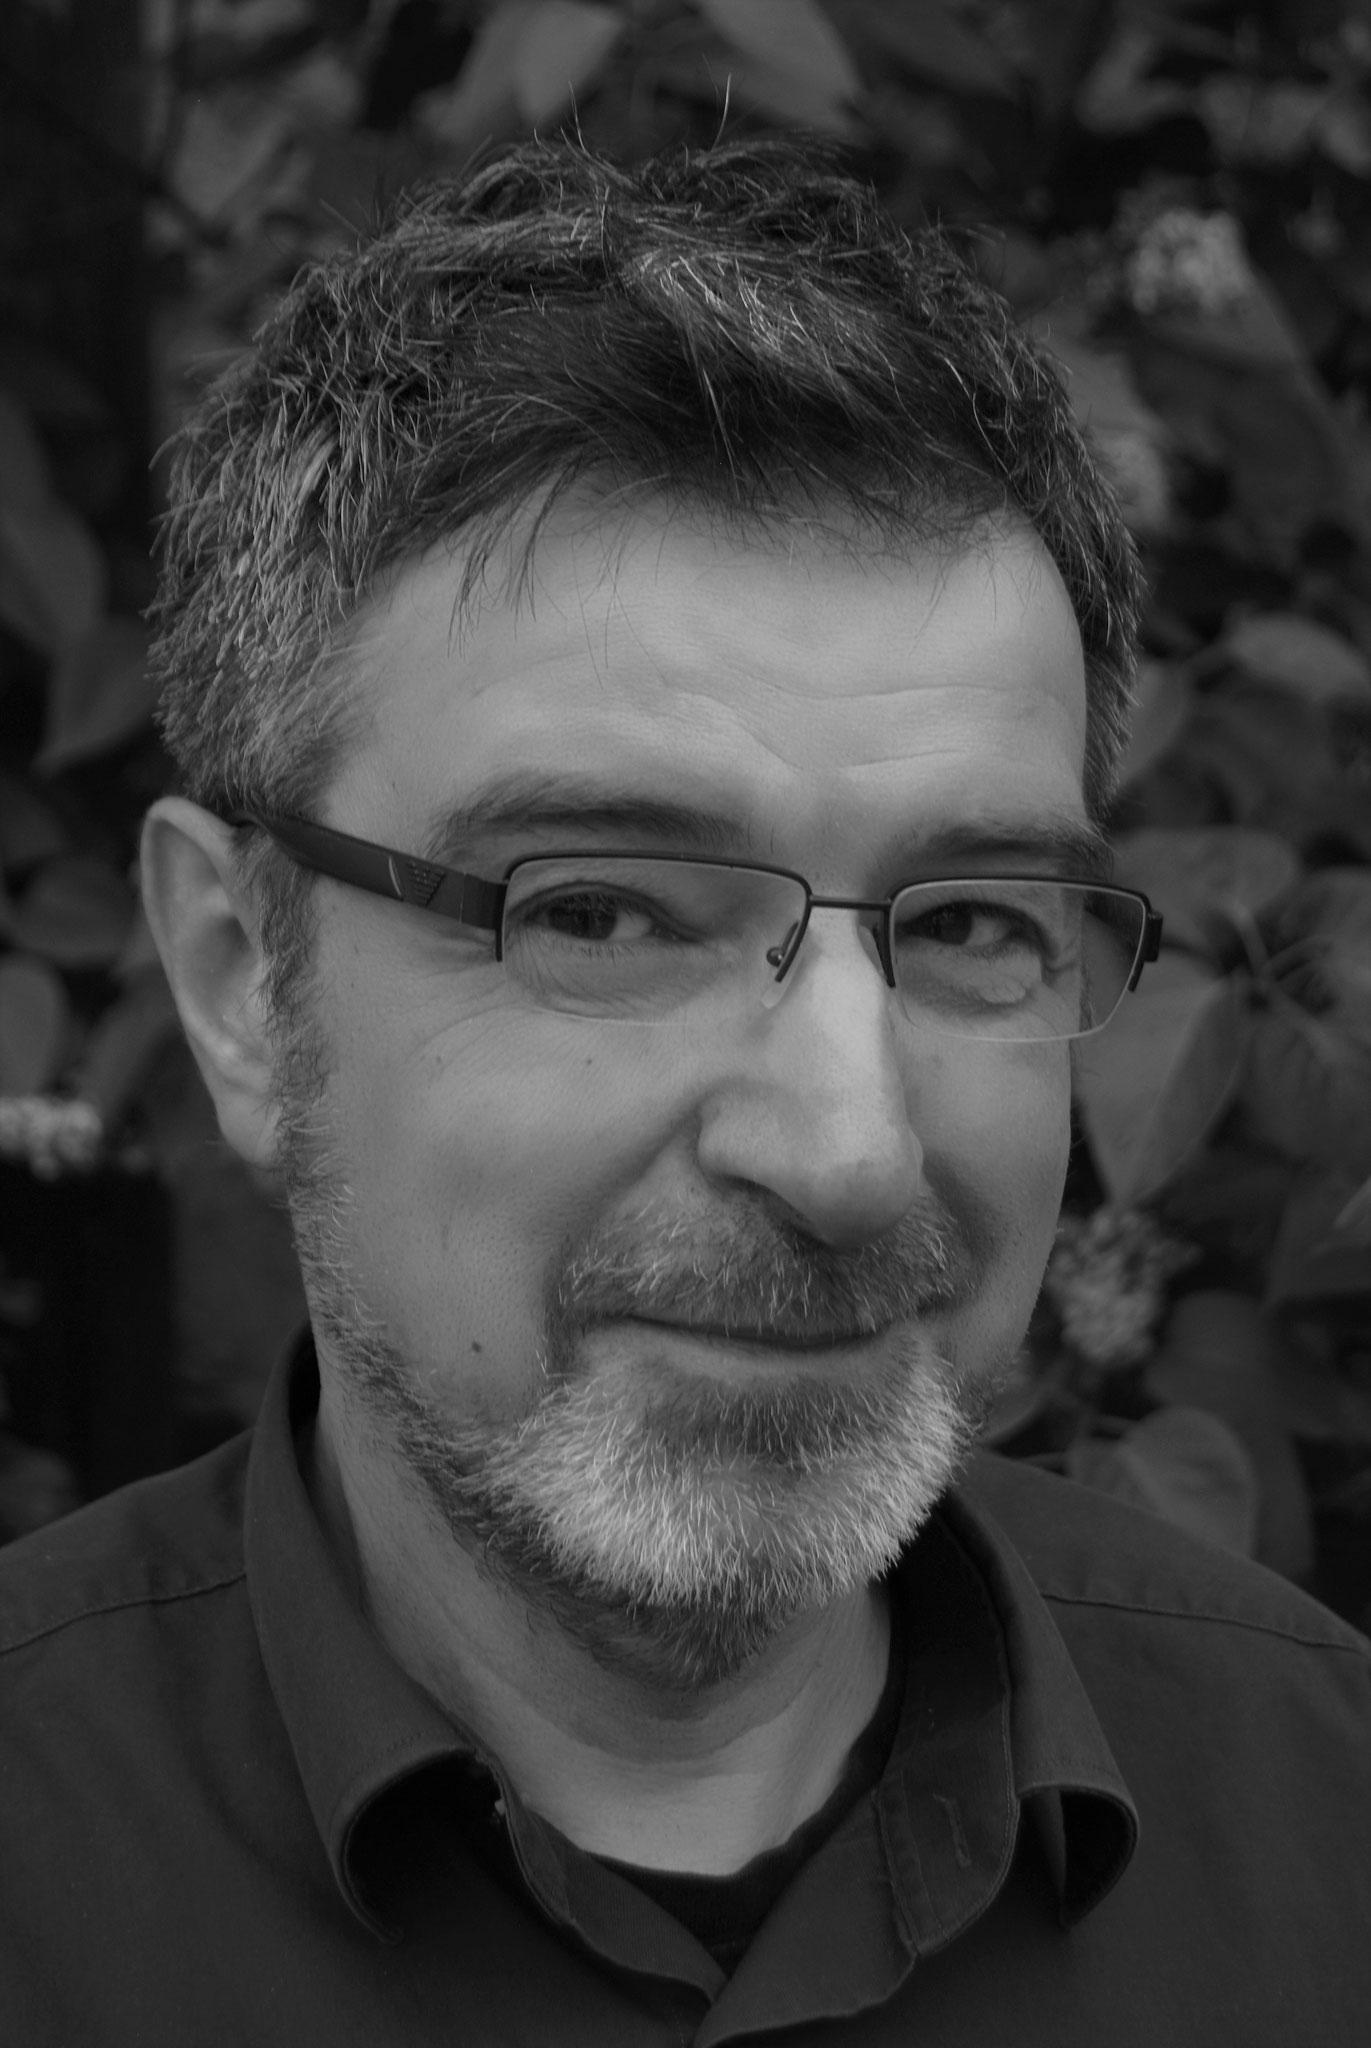 Manfred Prescher hat als Redakteur bei verschiedenen Magazinen (Computer, Auto, Kultur), als Musikredakteur und Moderator im Privatradio, sowie leitender Redakteur einer mittelgroßen PR-Agentur gearbeitet.